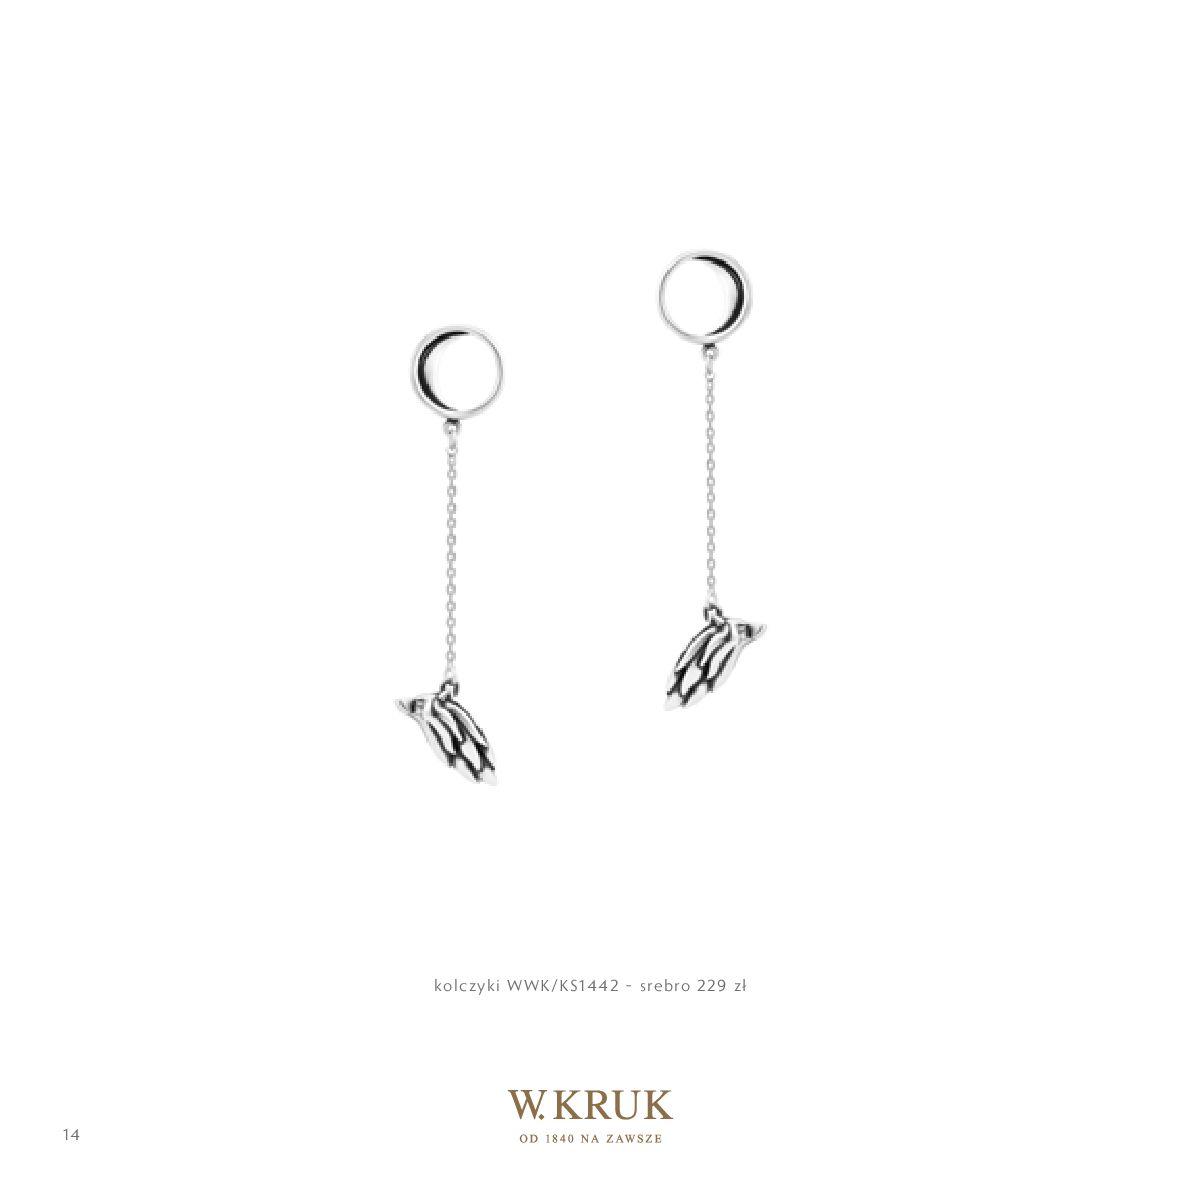 Gazetka W. KRUK: Katalog - Freedom Wolf 2021-02-17 page-16